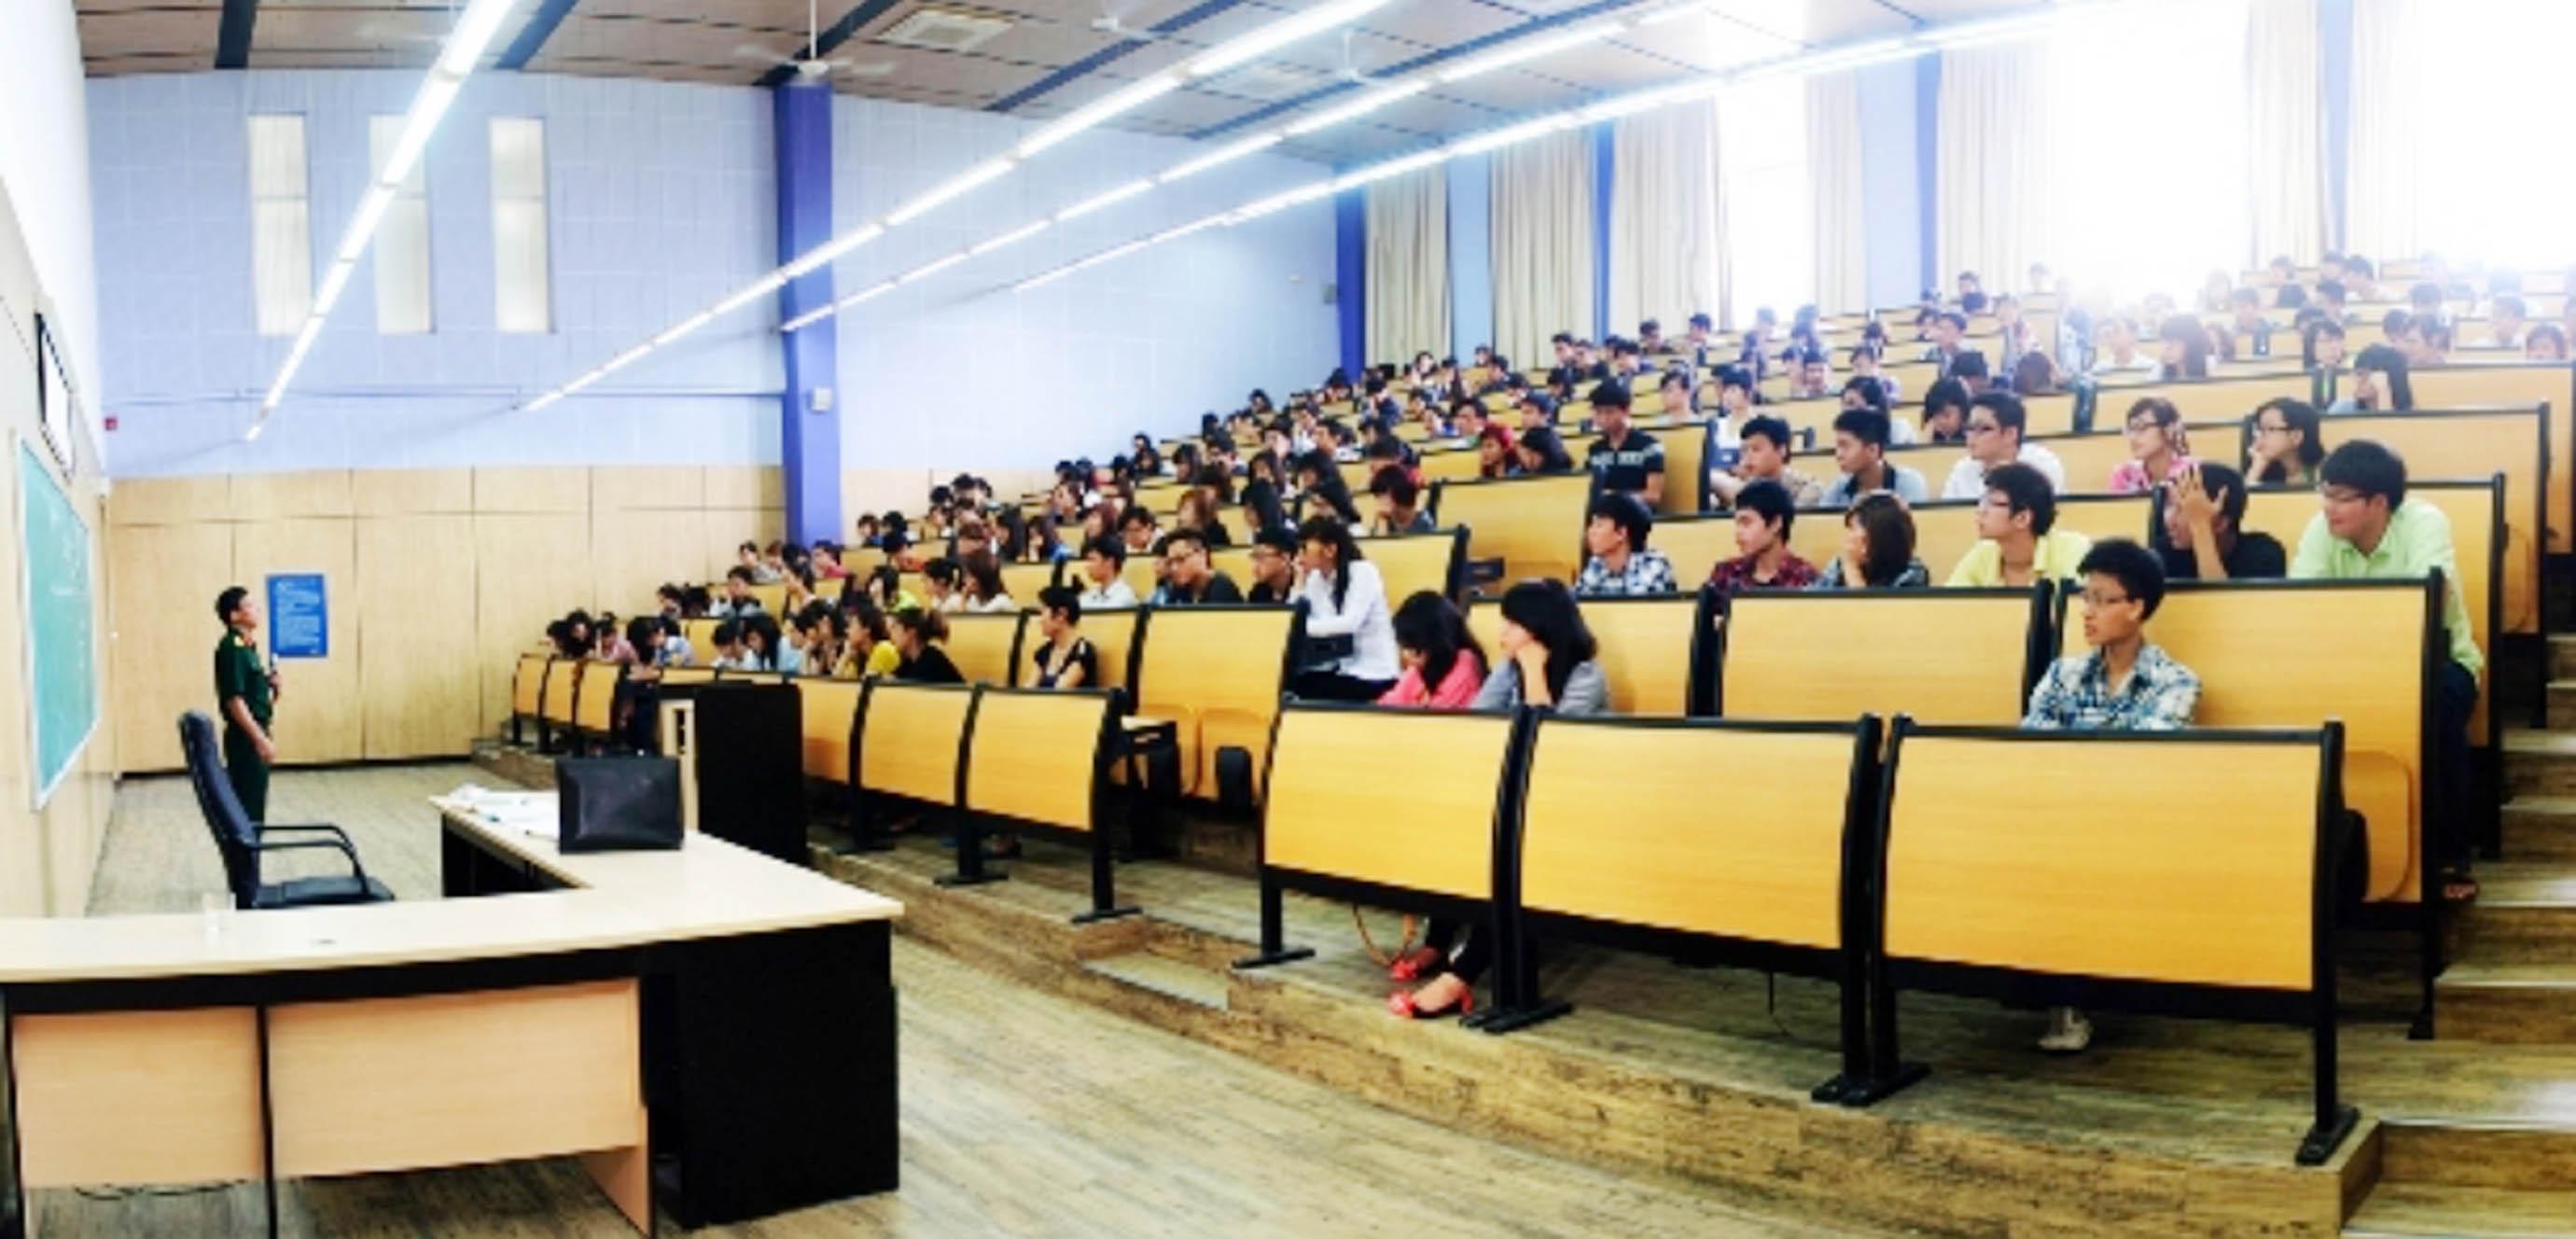 Năm 2005, Chính phủ chính thức công nhận loại hình đại học tư thục. Trước đó, hệ thống ngoài công lập lúc đó chỉ tồn tại loại hình dân lập và bán công. Trong ảnh: Sinh viên Đại học Thăng Long trên giảng đường. Đây là trường đại học dân lập đầu tiên ở Việt Nam, ra đời năm 1989. Nguồn: giaoducthoidai.vn